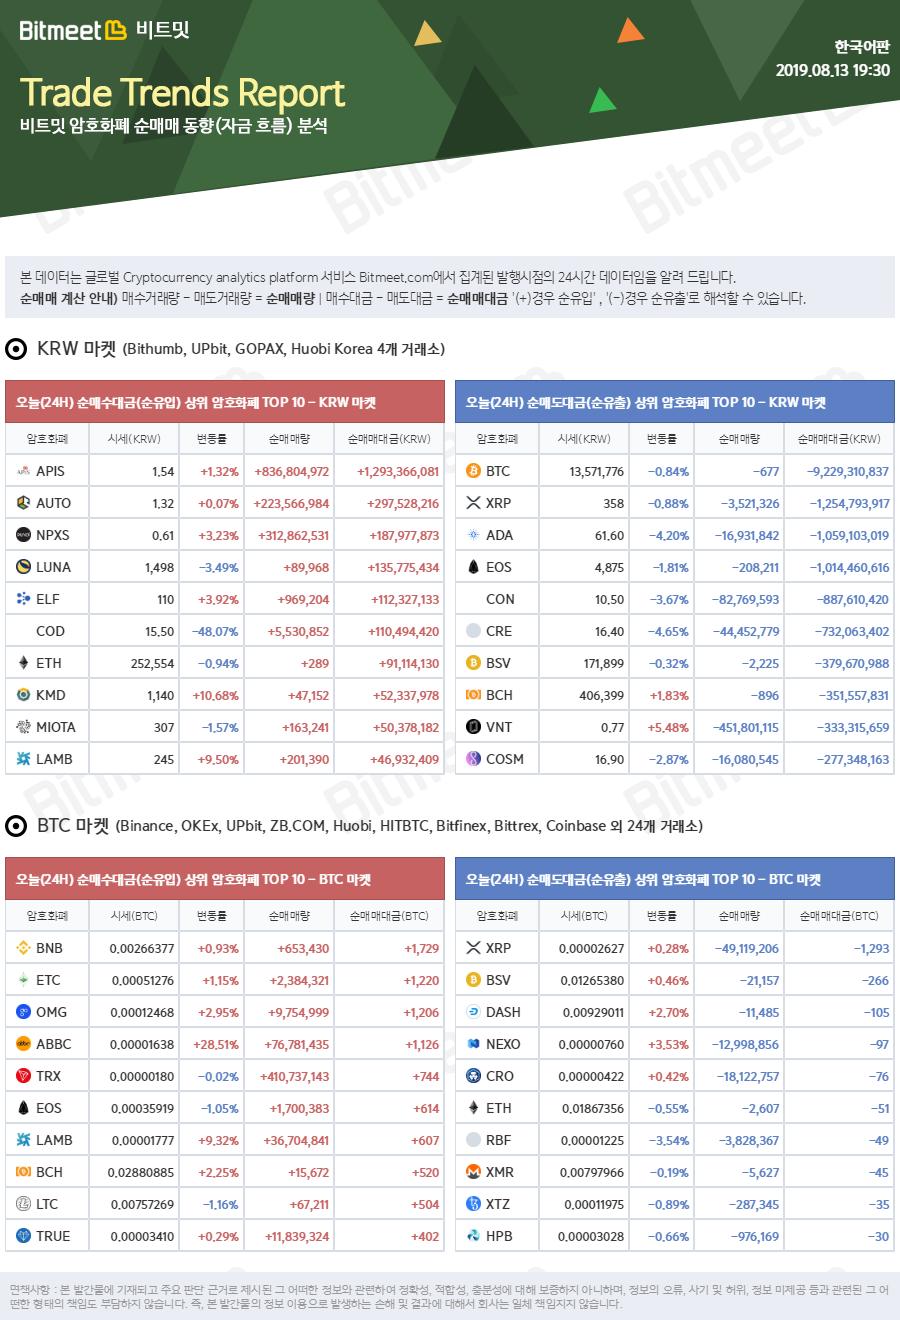 bitmeet_trends_report_2019-08-13_07_30_14.png